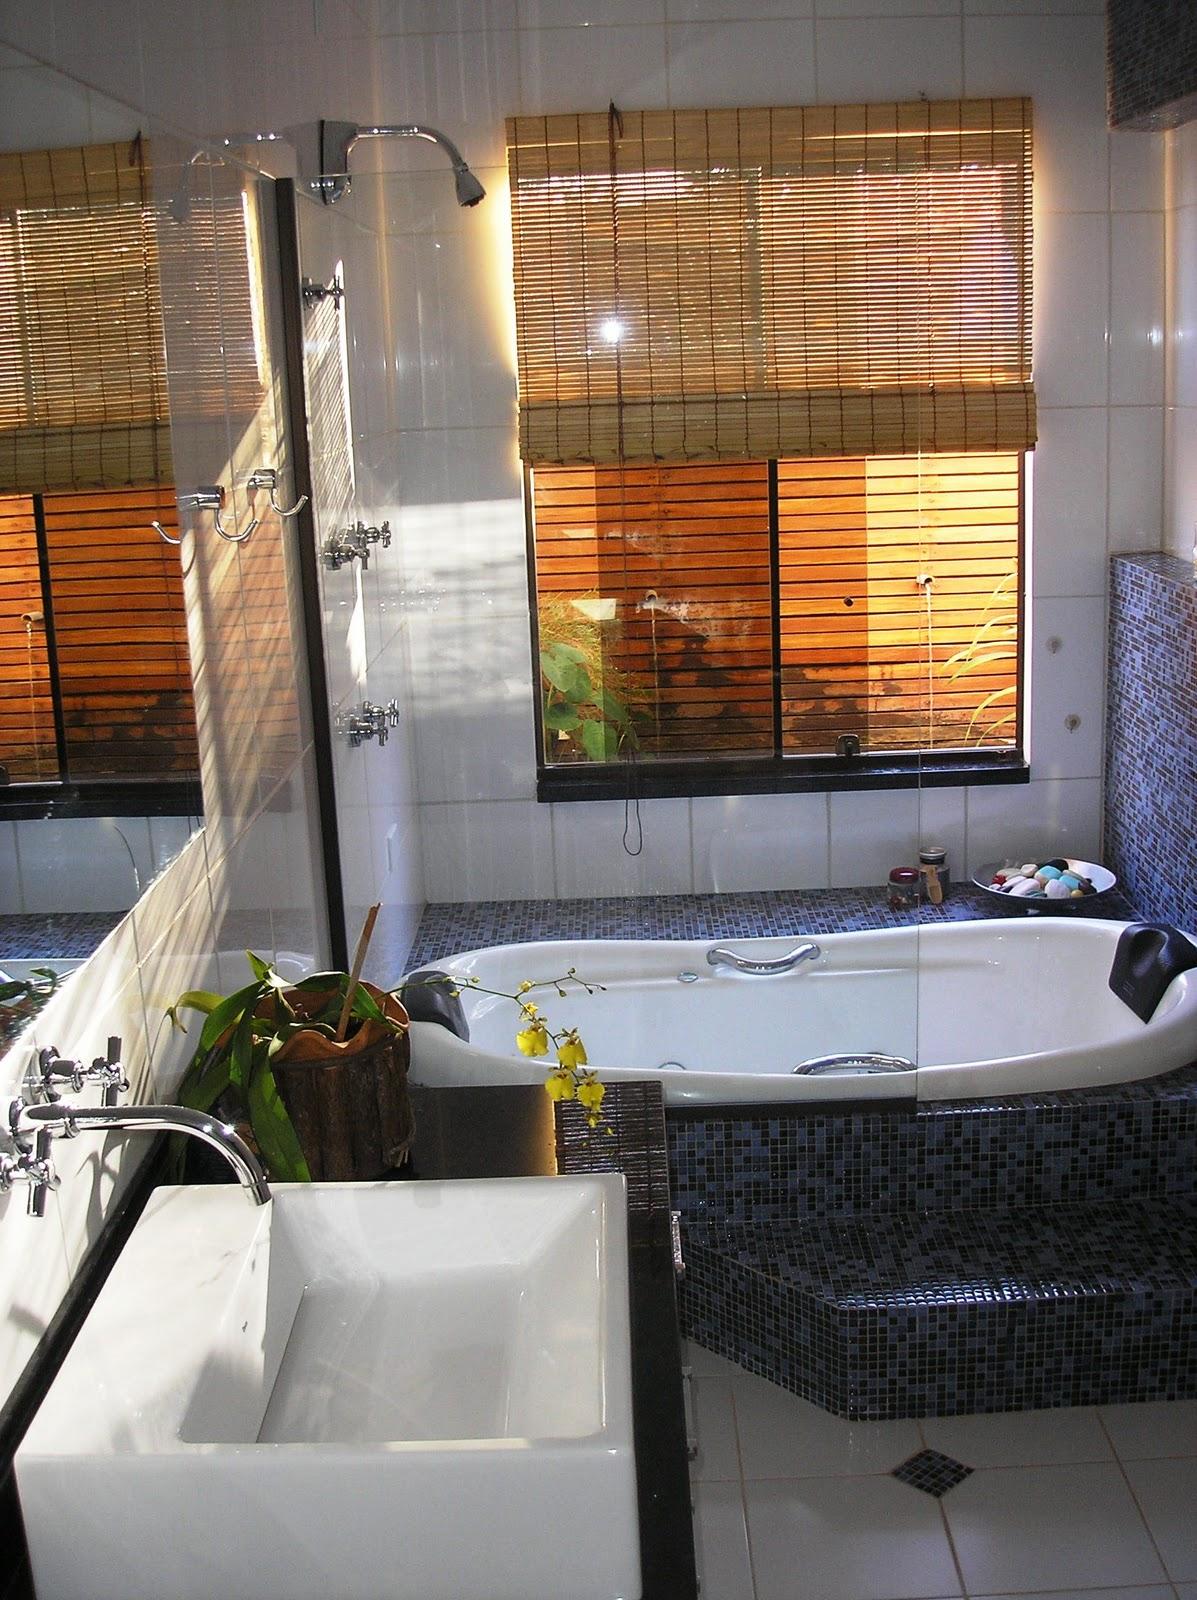 Este banheiro possui um jardim de inverno com espelho d'água e  #A26029 1197x1600 Banheiro Com Jardim Embaixo Da Pia